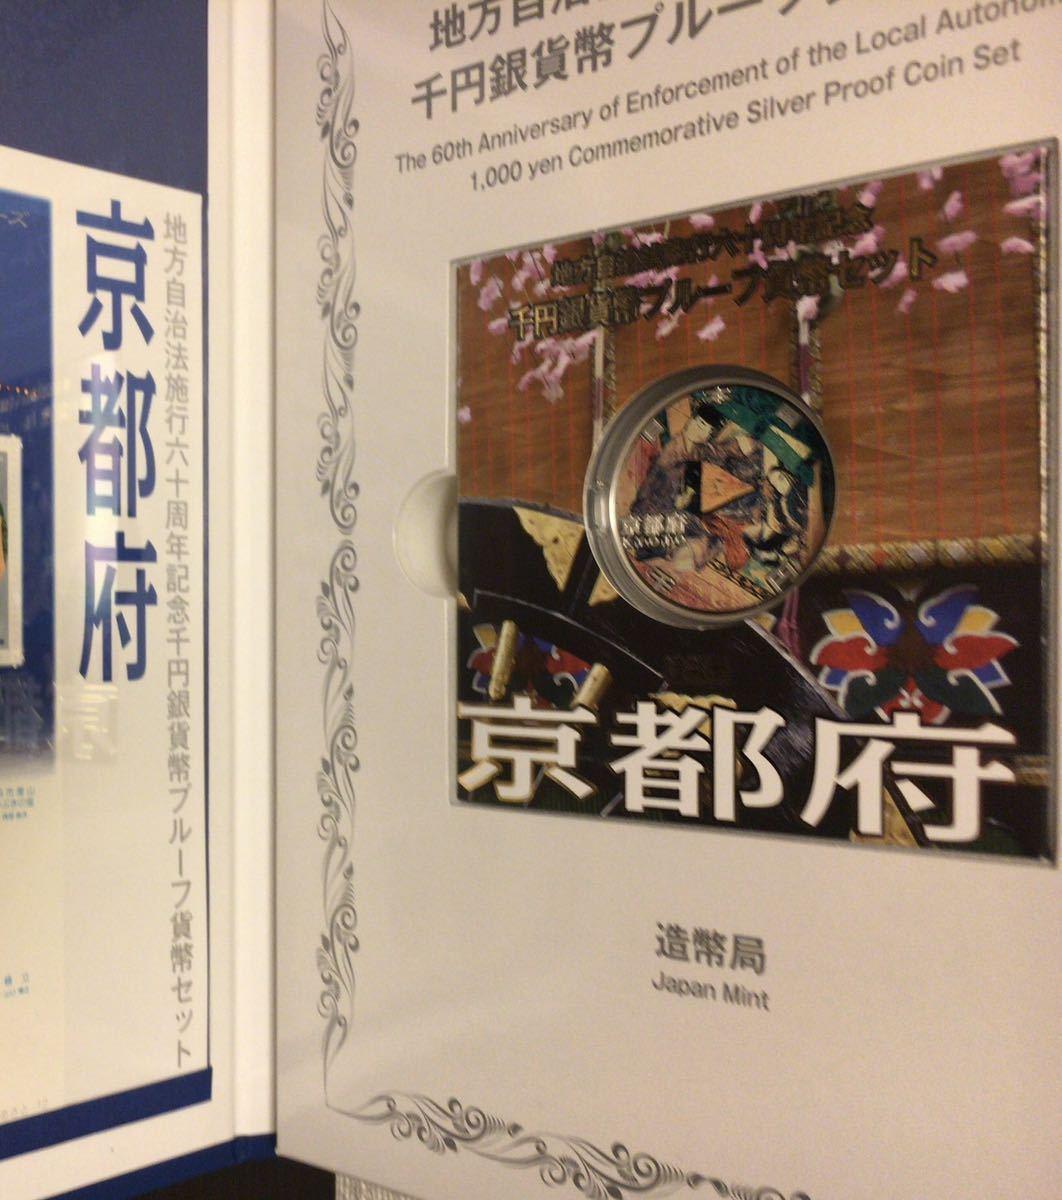 【送料無料】【47都道府県】地方自治法施行60周年記念 千円銀貨幣プルーフ Bセット 【コンプリート】_画像8